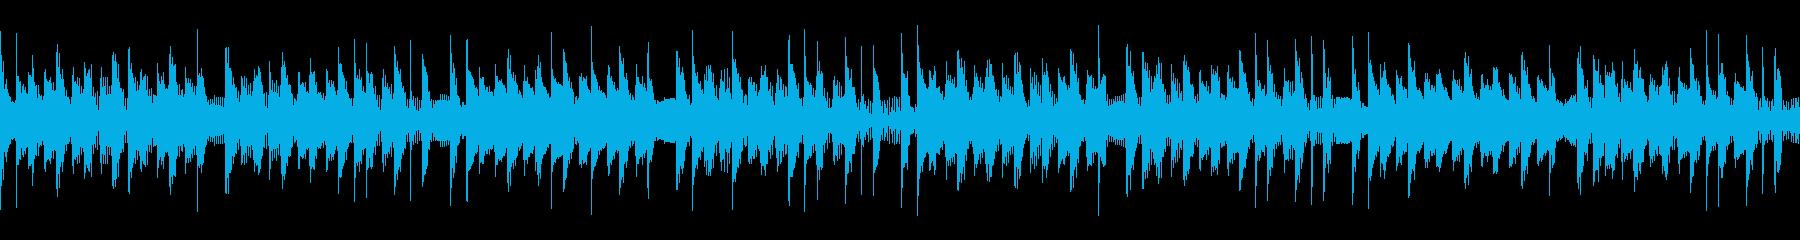 能天気なループ仕様 BGMの再生済みの波形